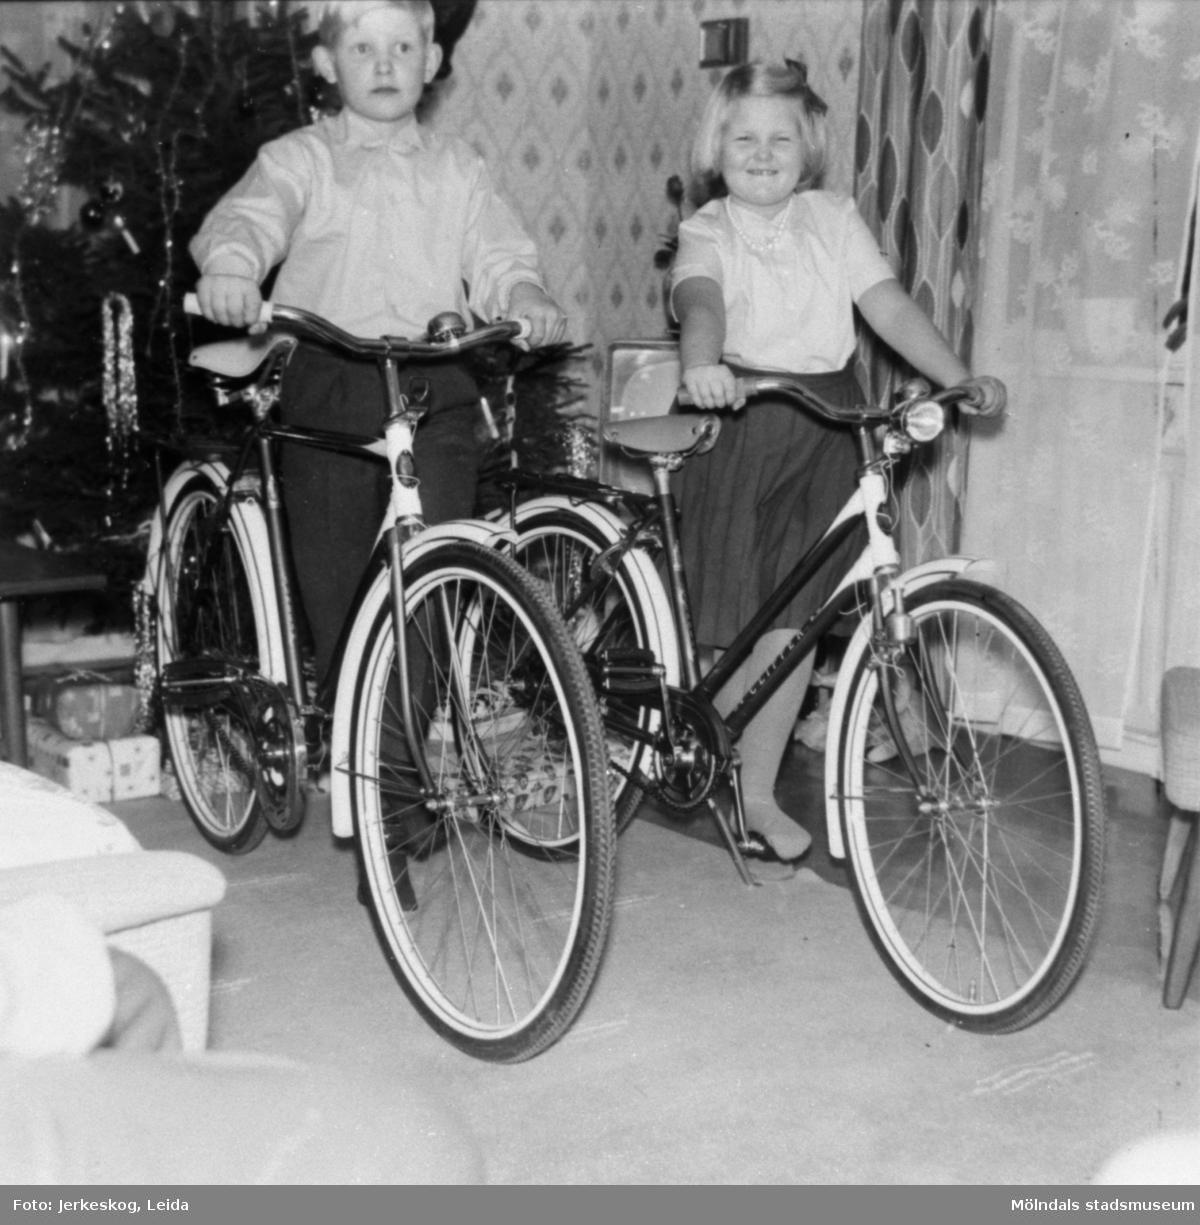 Ulf och Marita Jerkeskog poserar med sina nya cyklar, julen 1960. En julgran skymtar i bakgrunden.